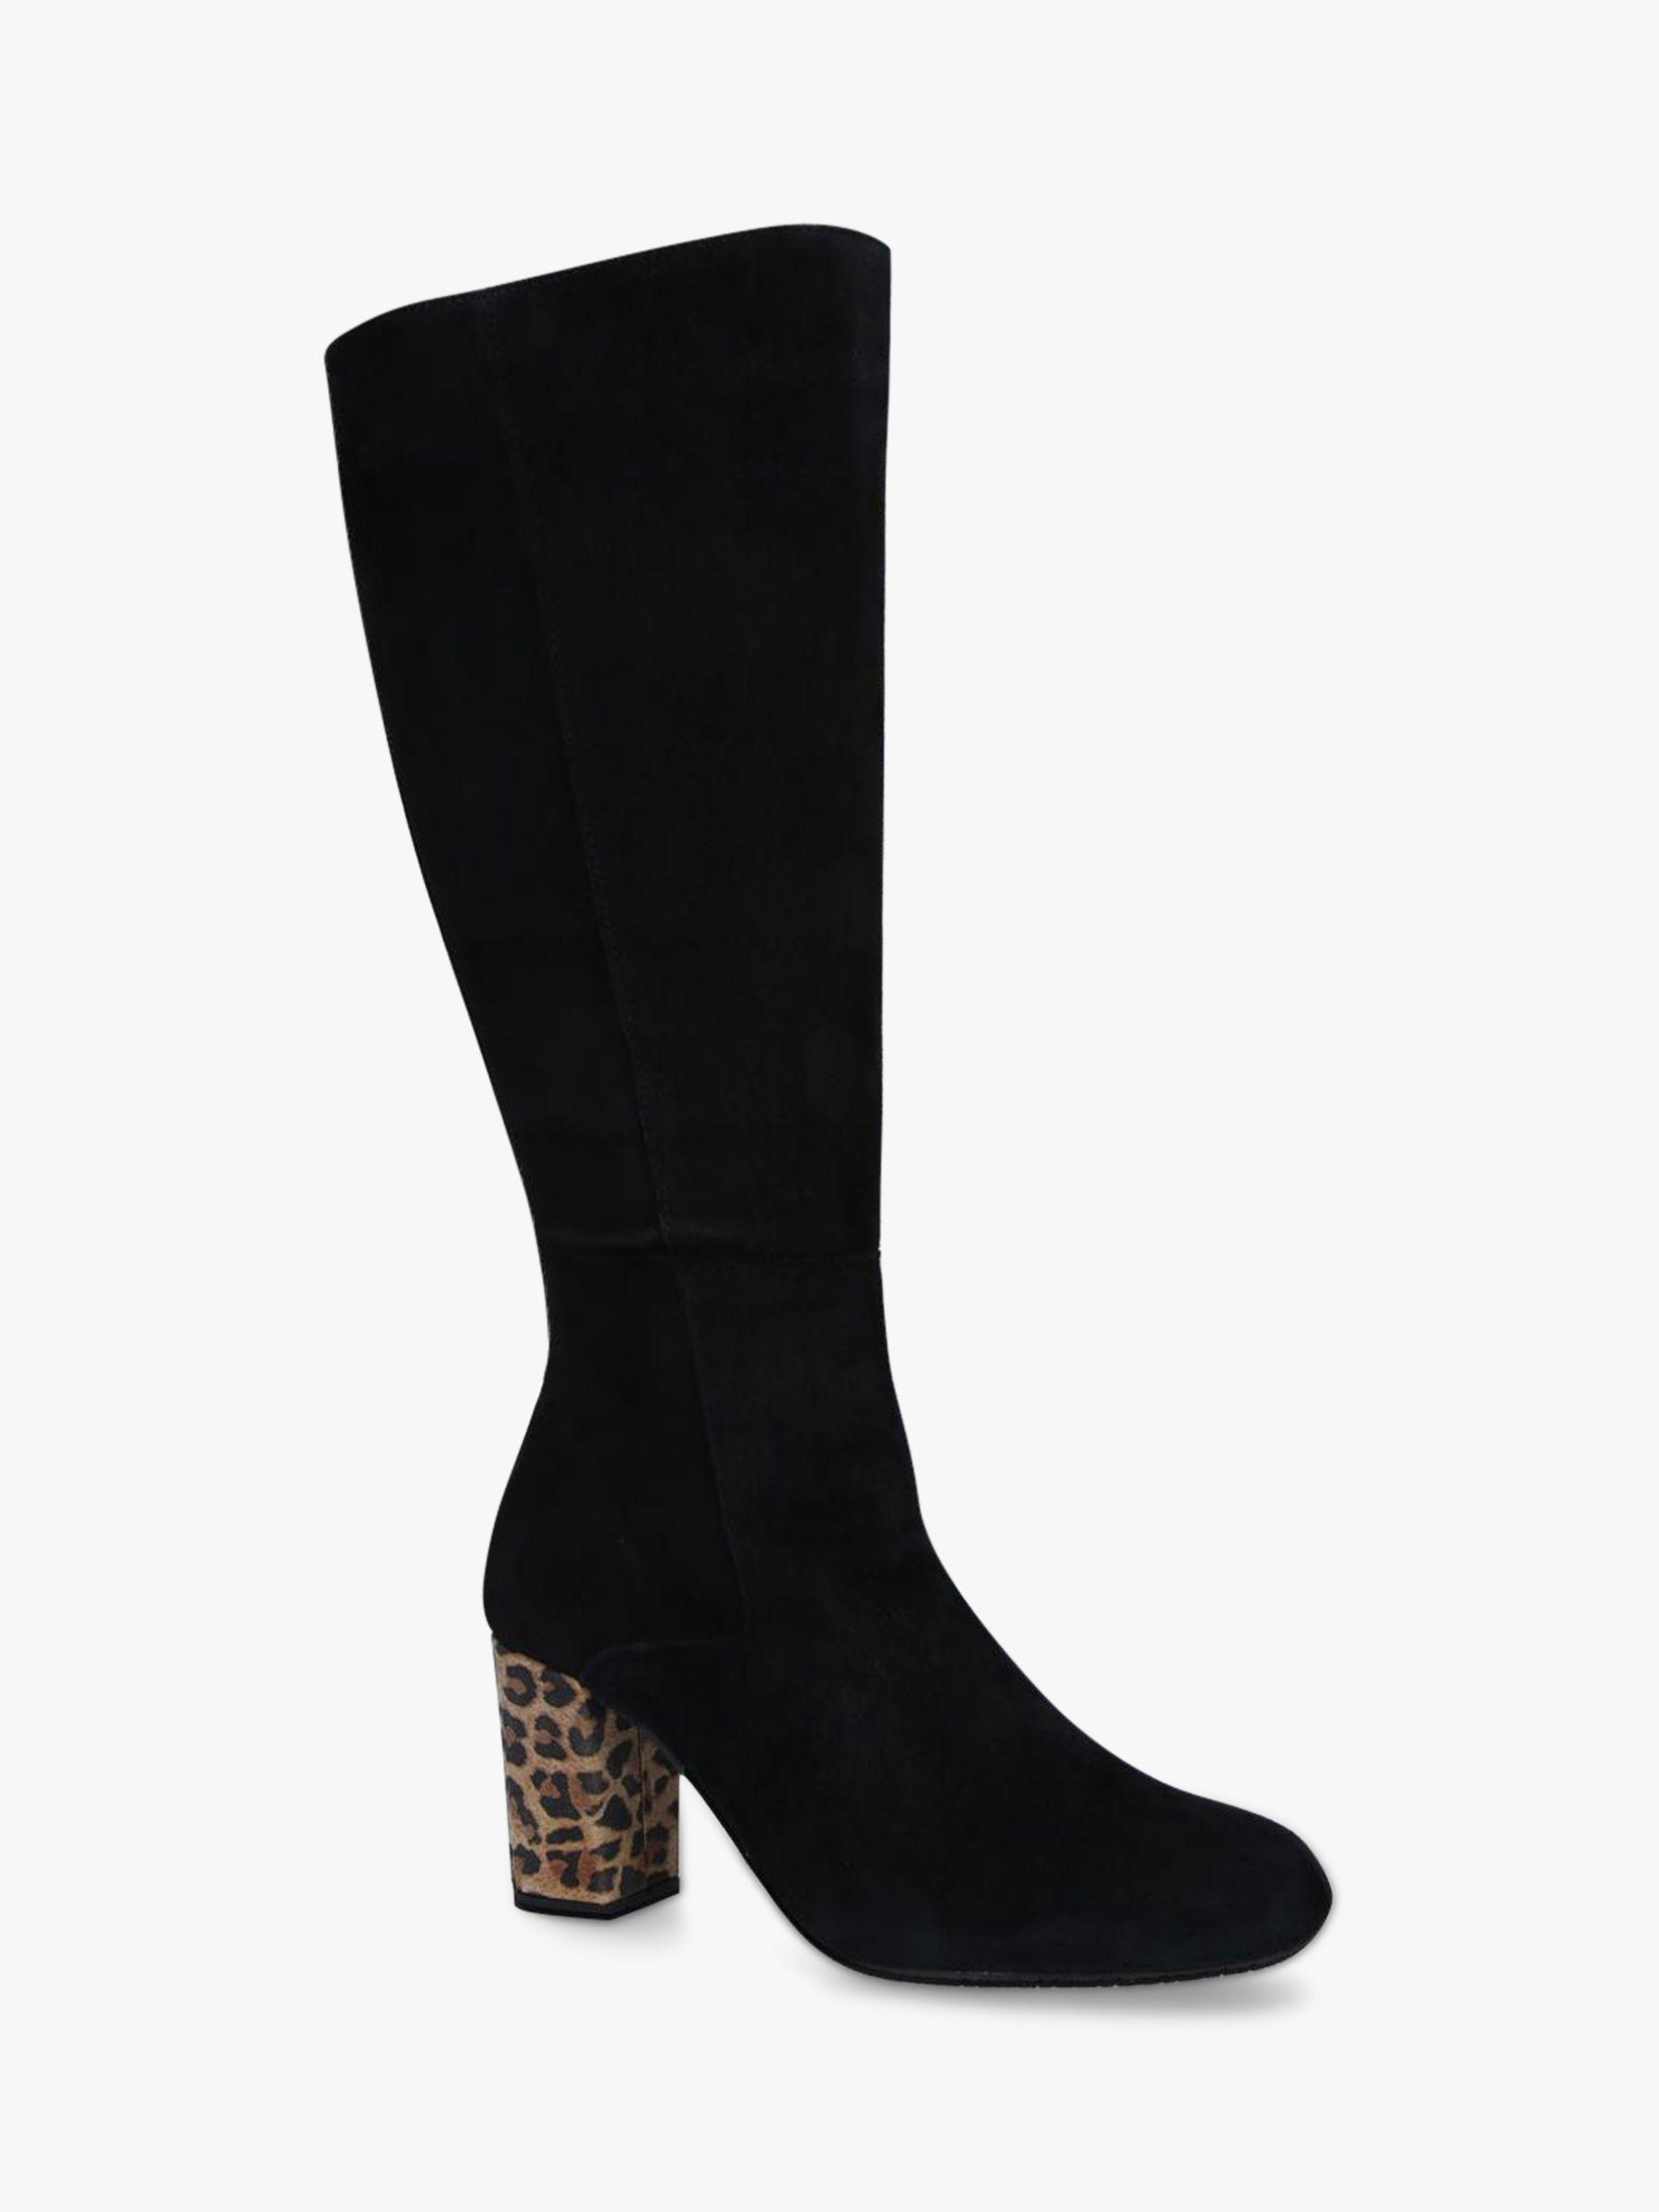 Carvela Comfort Carvela Comfort Veil Suede Knee High Boots, Black